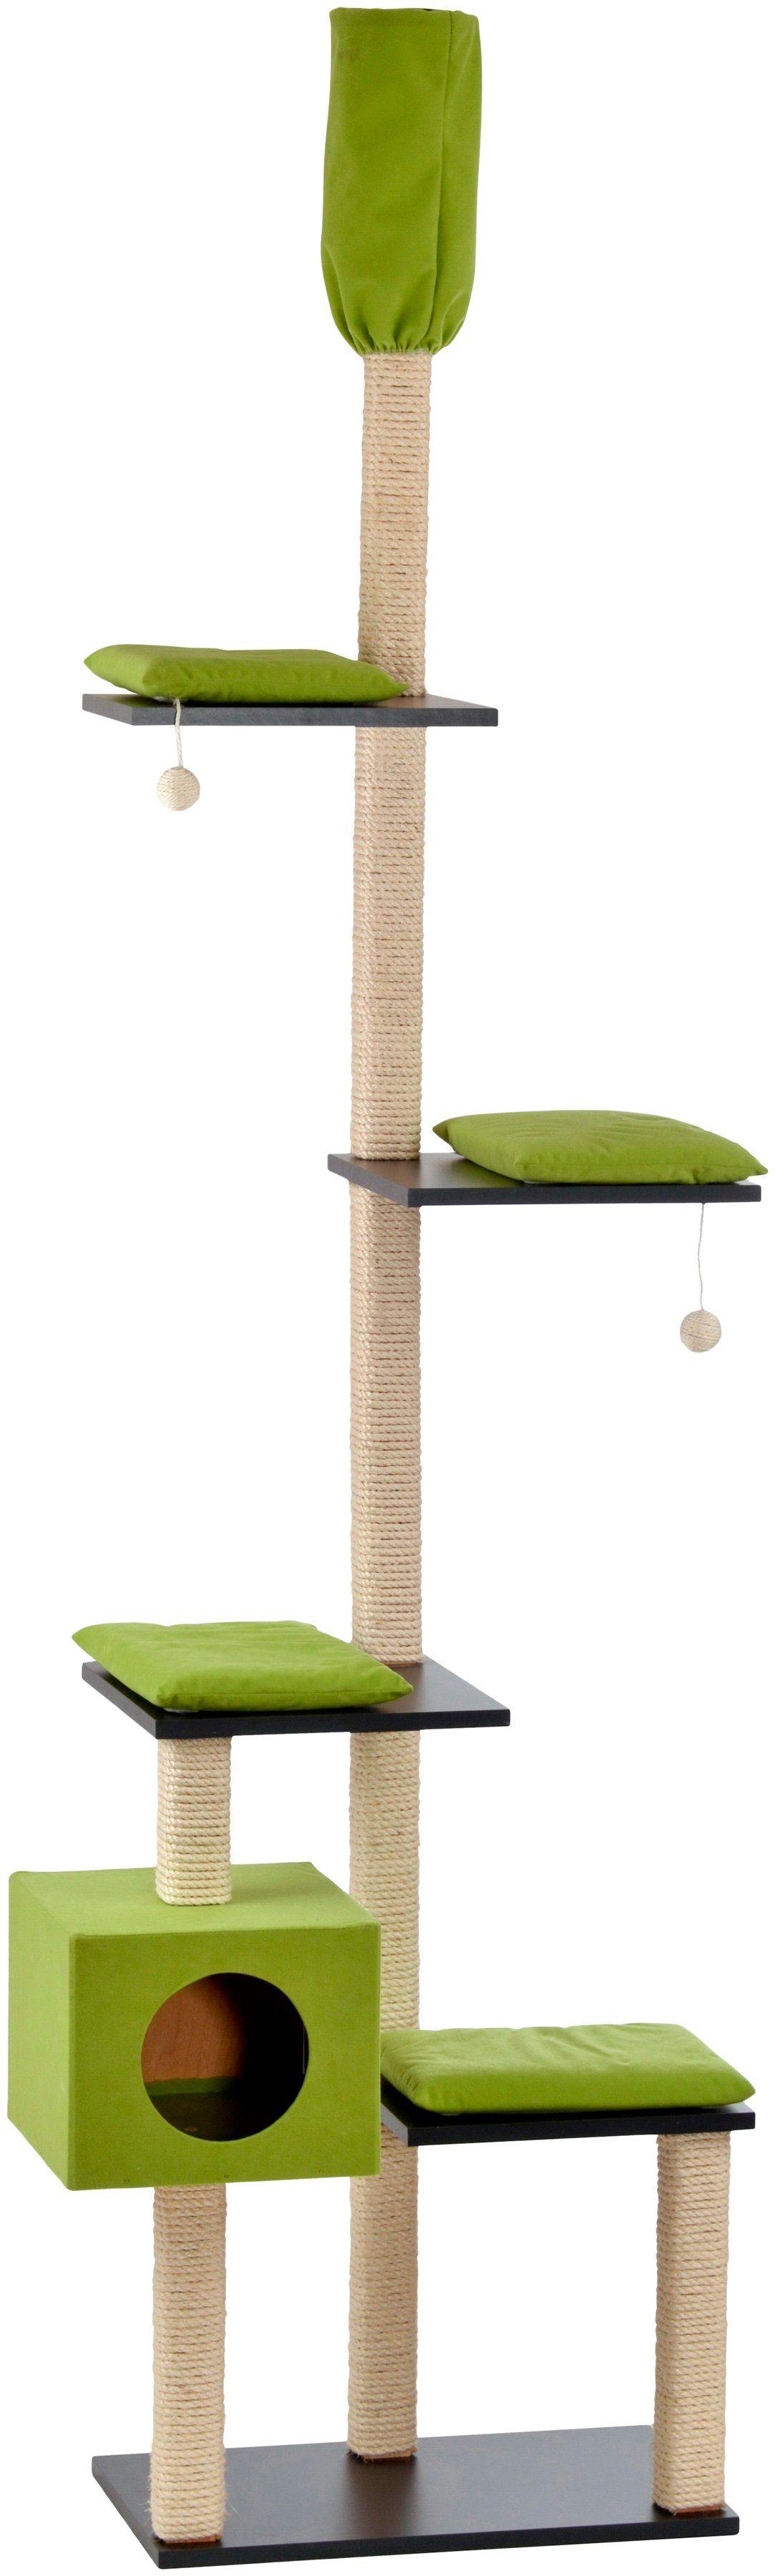 SILVIO DESIGN Kratzbaum-Deckenspanner »Bashira«, B/T/H: 73/47/230-260 cm, grün